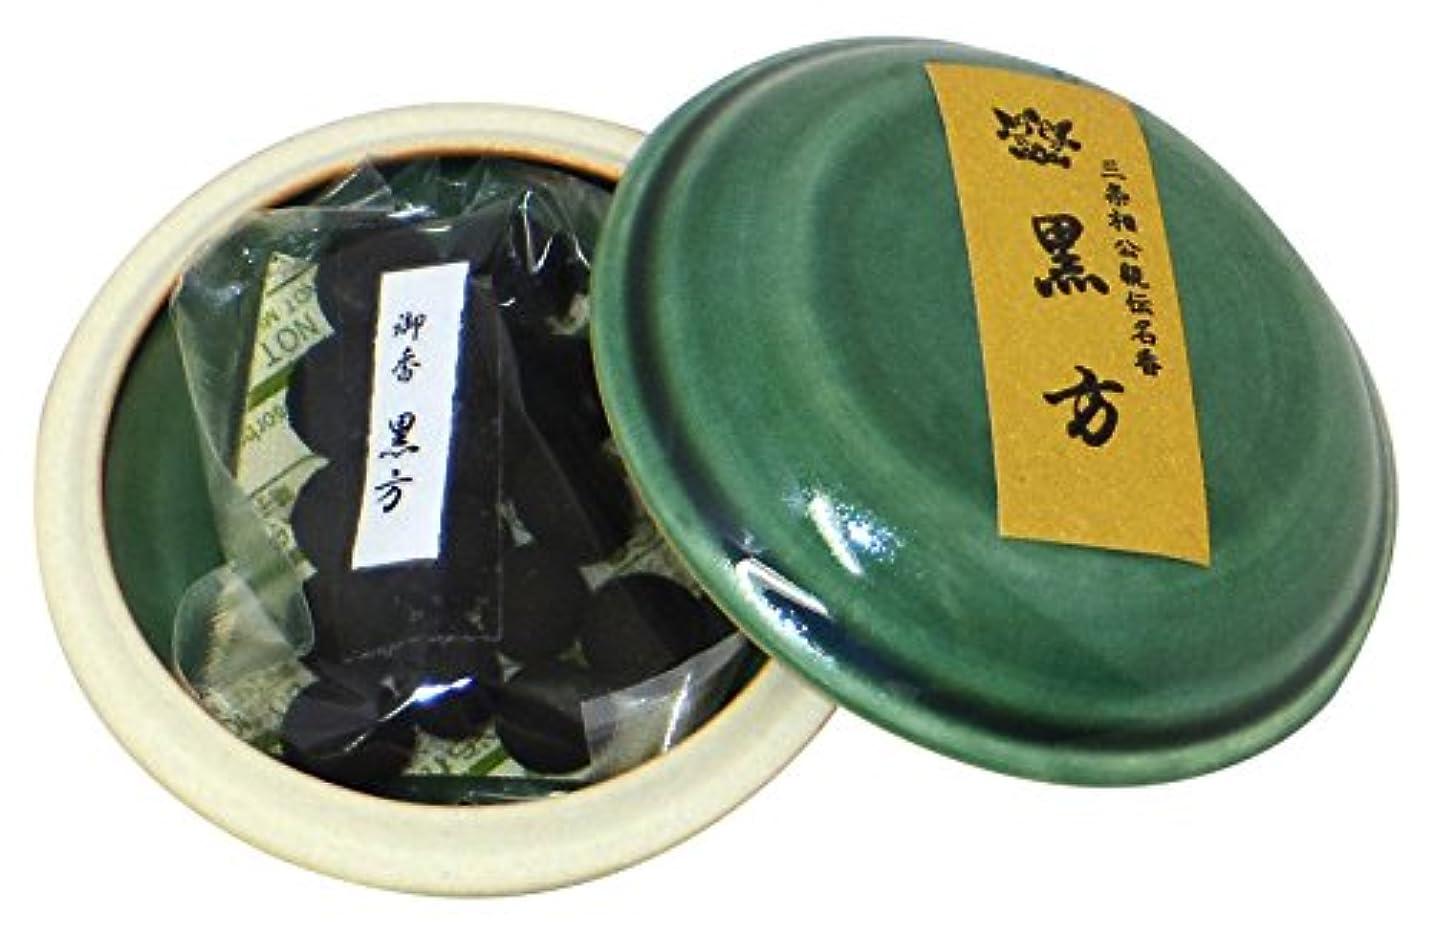 支払う定数市民鳩居堂の煉香 御香 黒方 桐箱 たと紙 陶器香合8g入 #501